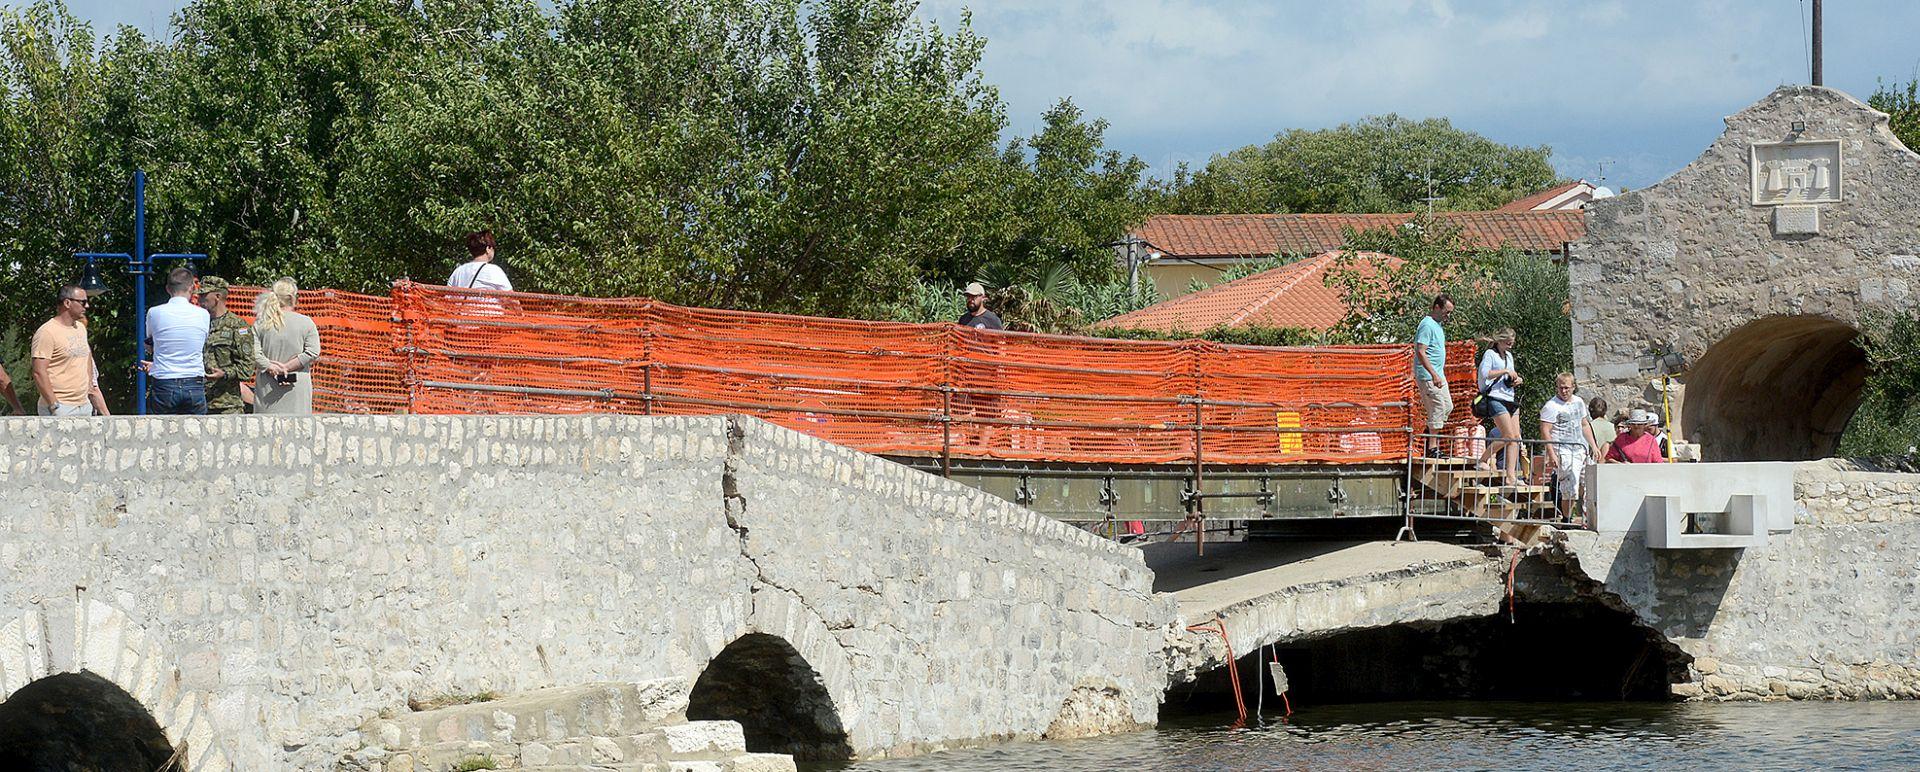 Protupoplavni vod Oružanih snaga završio montažni pješački most u Ninu